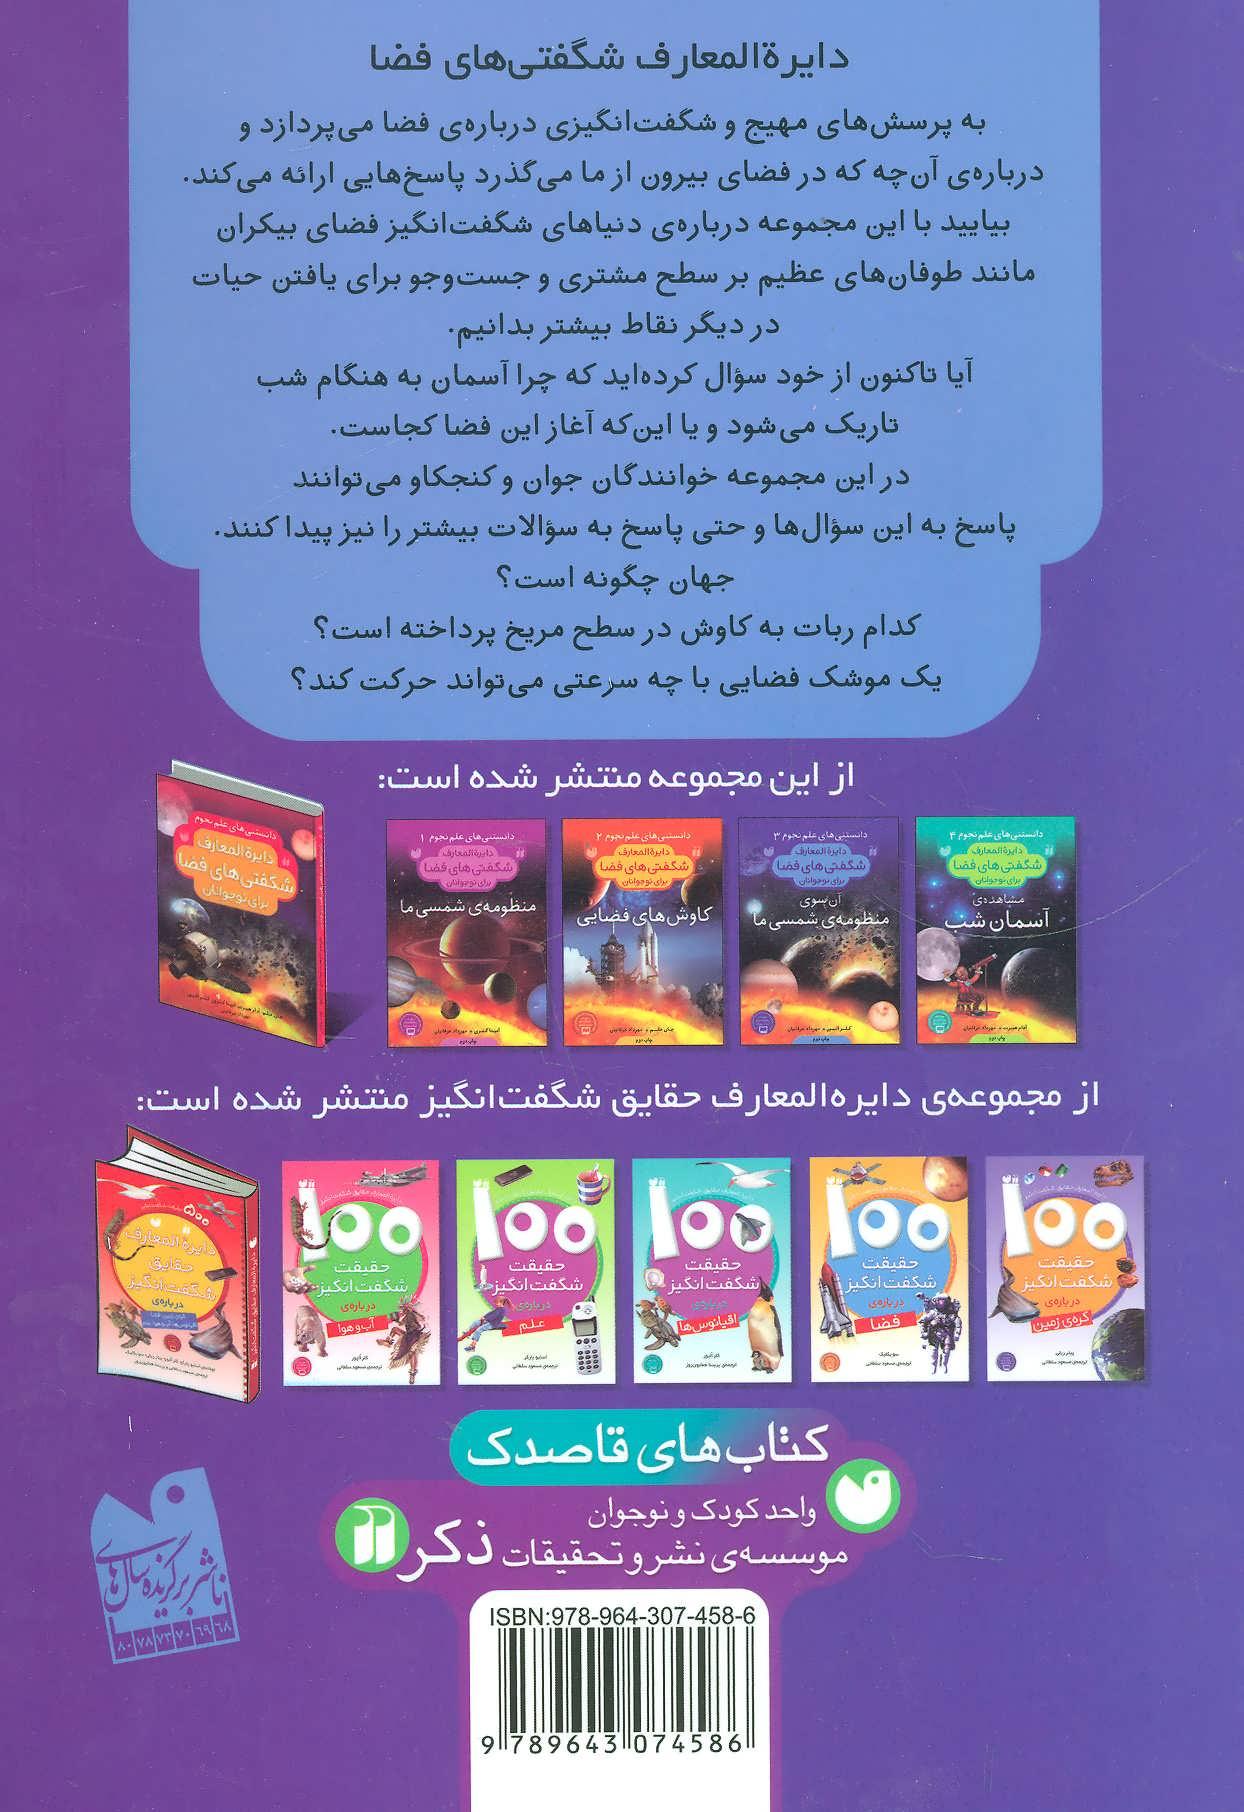 مجموعه دایره المعارف شگفتی های فضا برای نوجوانان (دانستنی های علم نجوم)،(4جلدی،گلاسه)